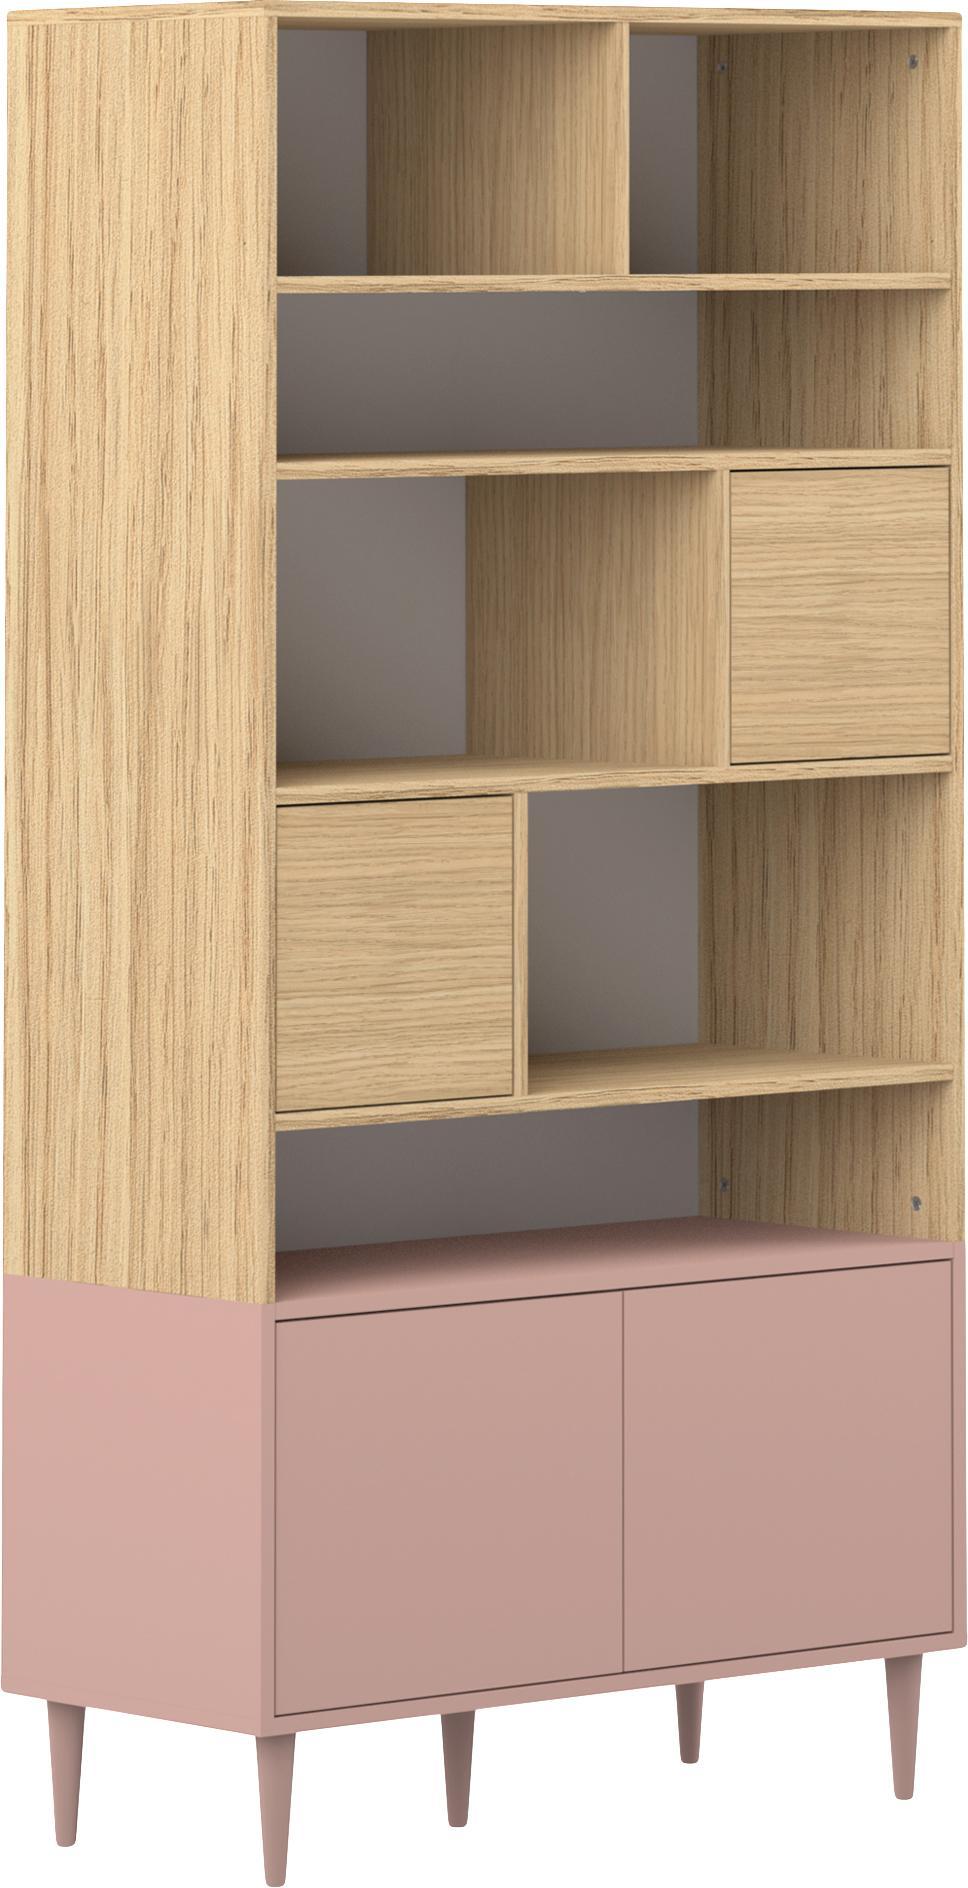 Standregal Horizon im Skandi Design, Korpus: Spanplatte, melaminbeschi, Füße: Buchenholz, massiv, lacki, Eichenholz, Altrosa, 90 x 180 cm